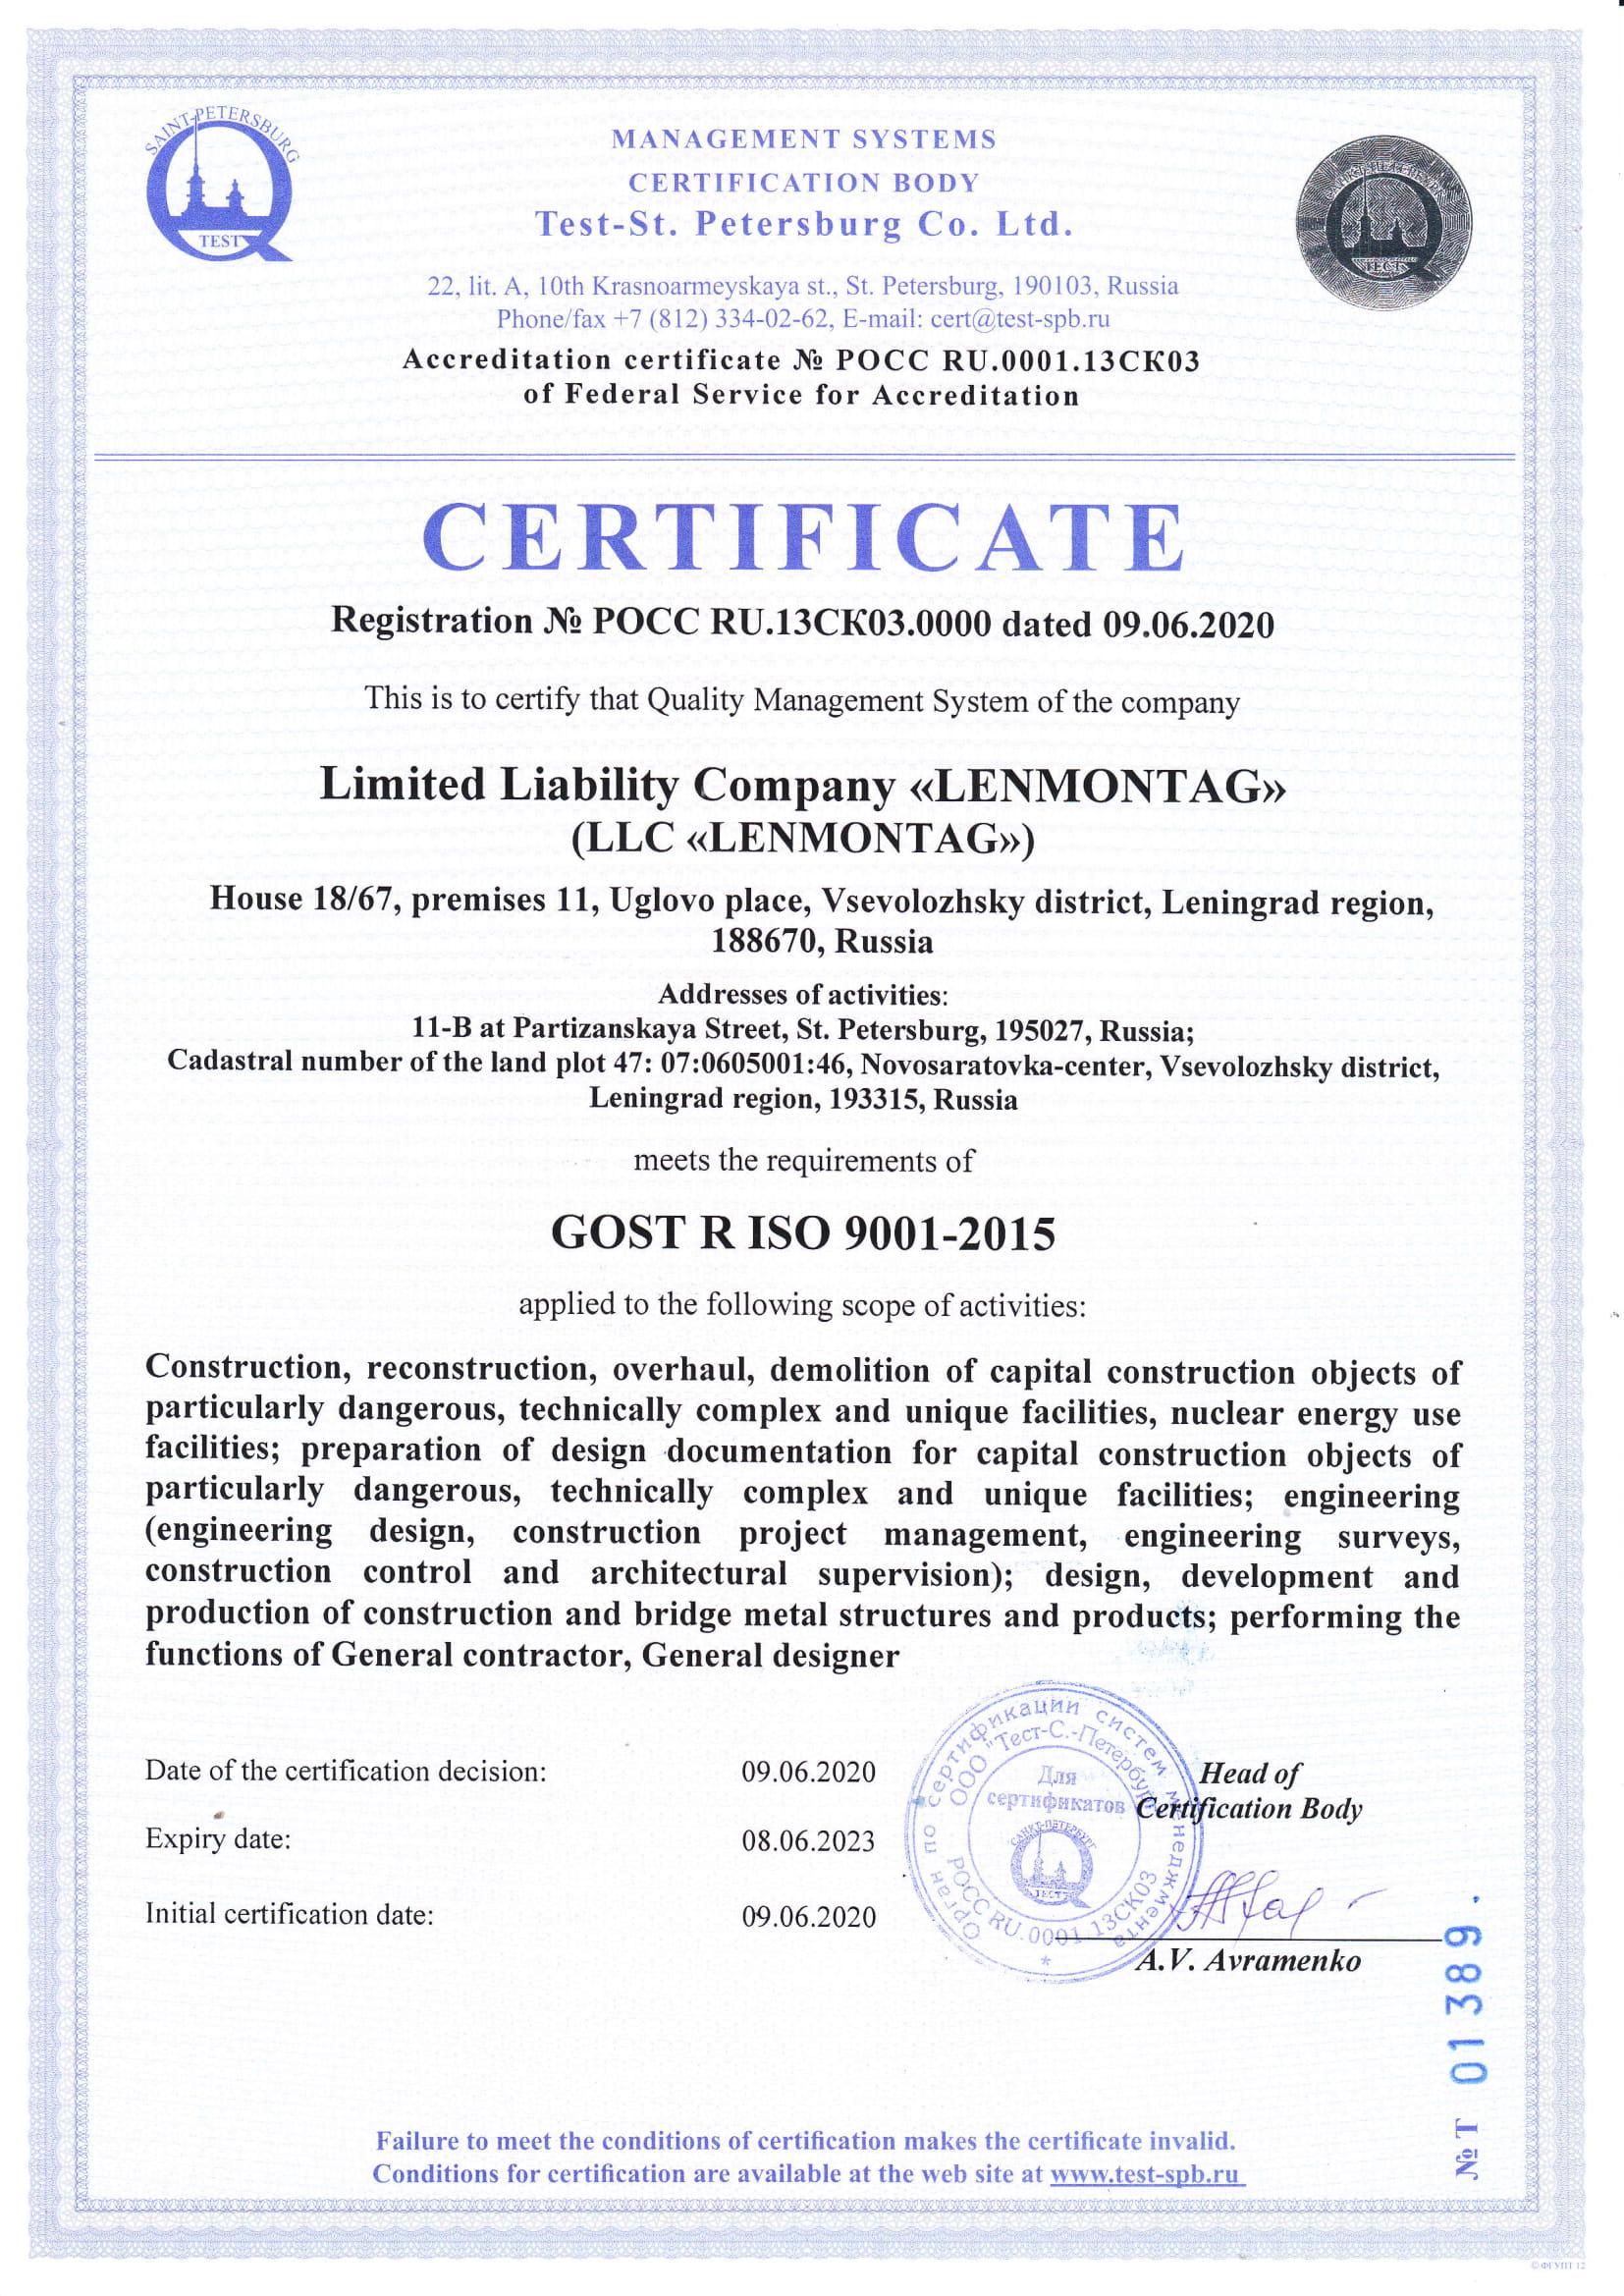 Сертификат spbtest-en